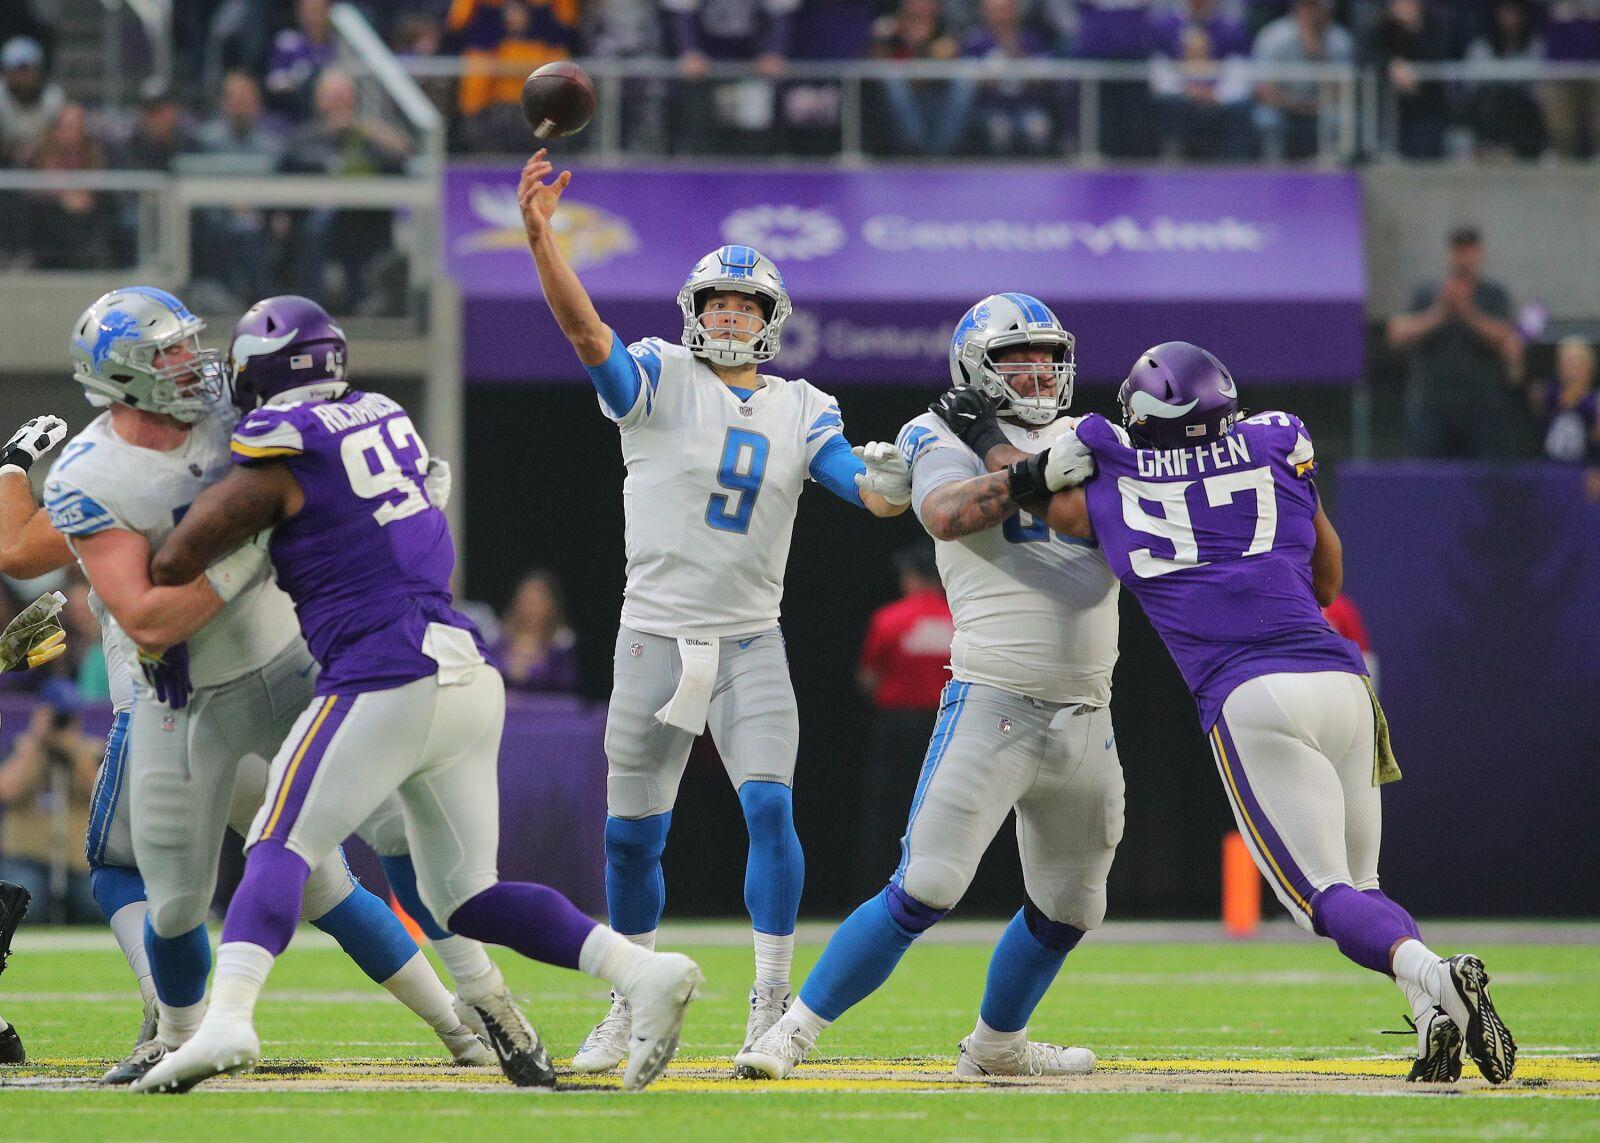 0bb1dca9 Vikings vs. Lions, Week 16 live stream: Watch NFL online